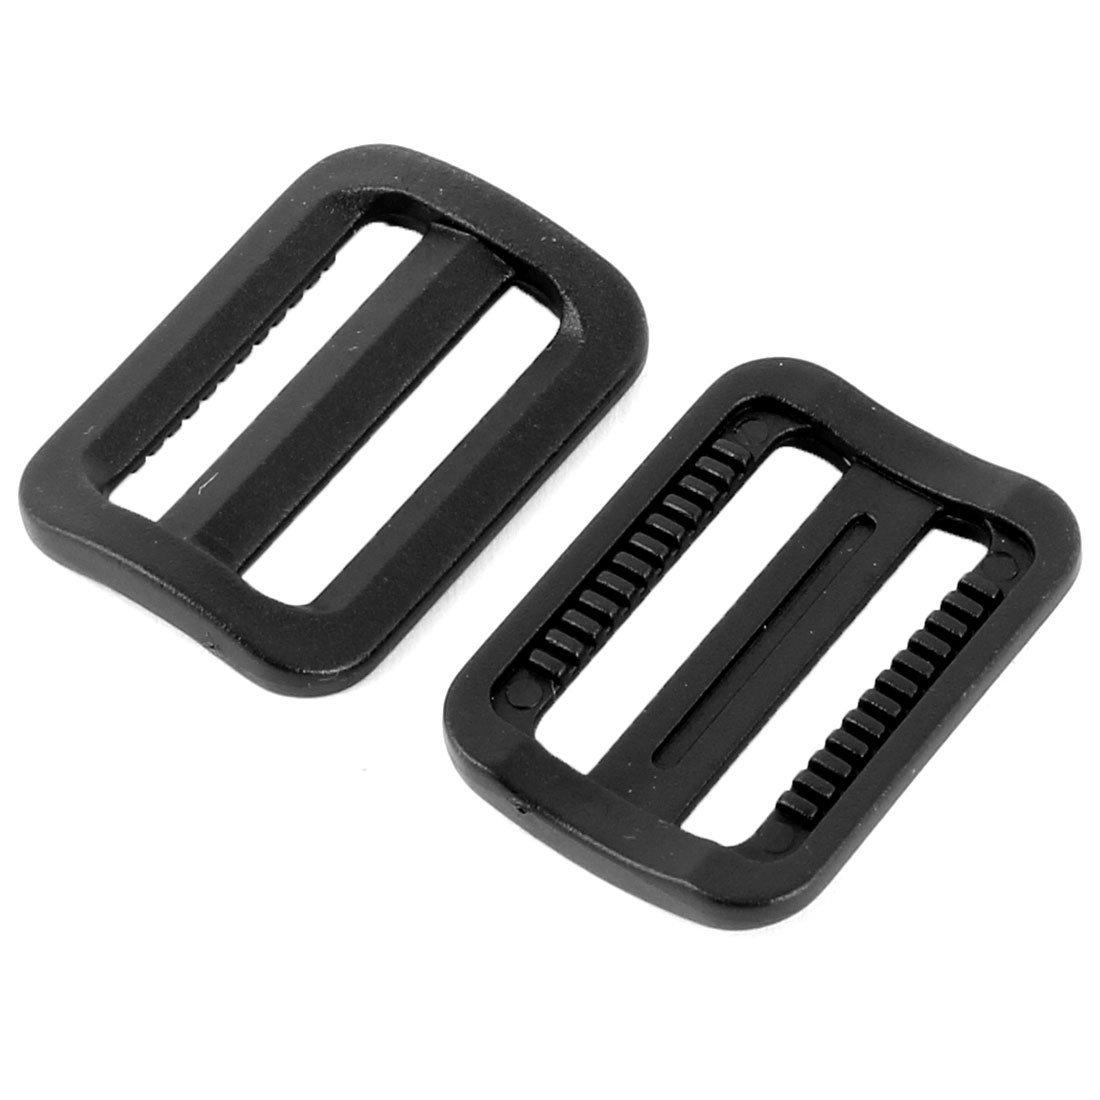 Amazon.com: eDealMax La Bolsa de plástico correas adjustive Conexión Tri Glide Hebilla Sujetador 10 piezas Negro